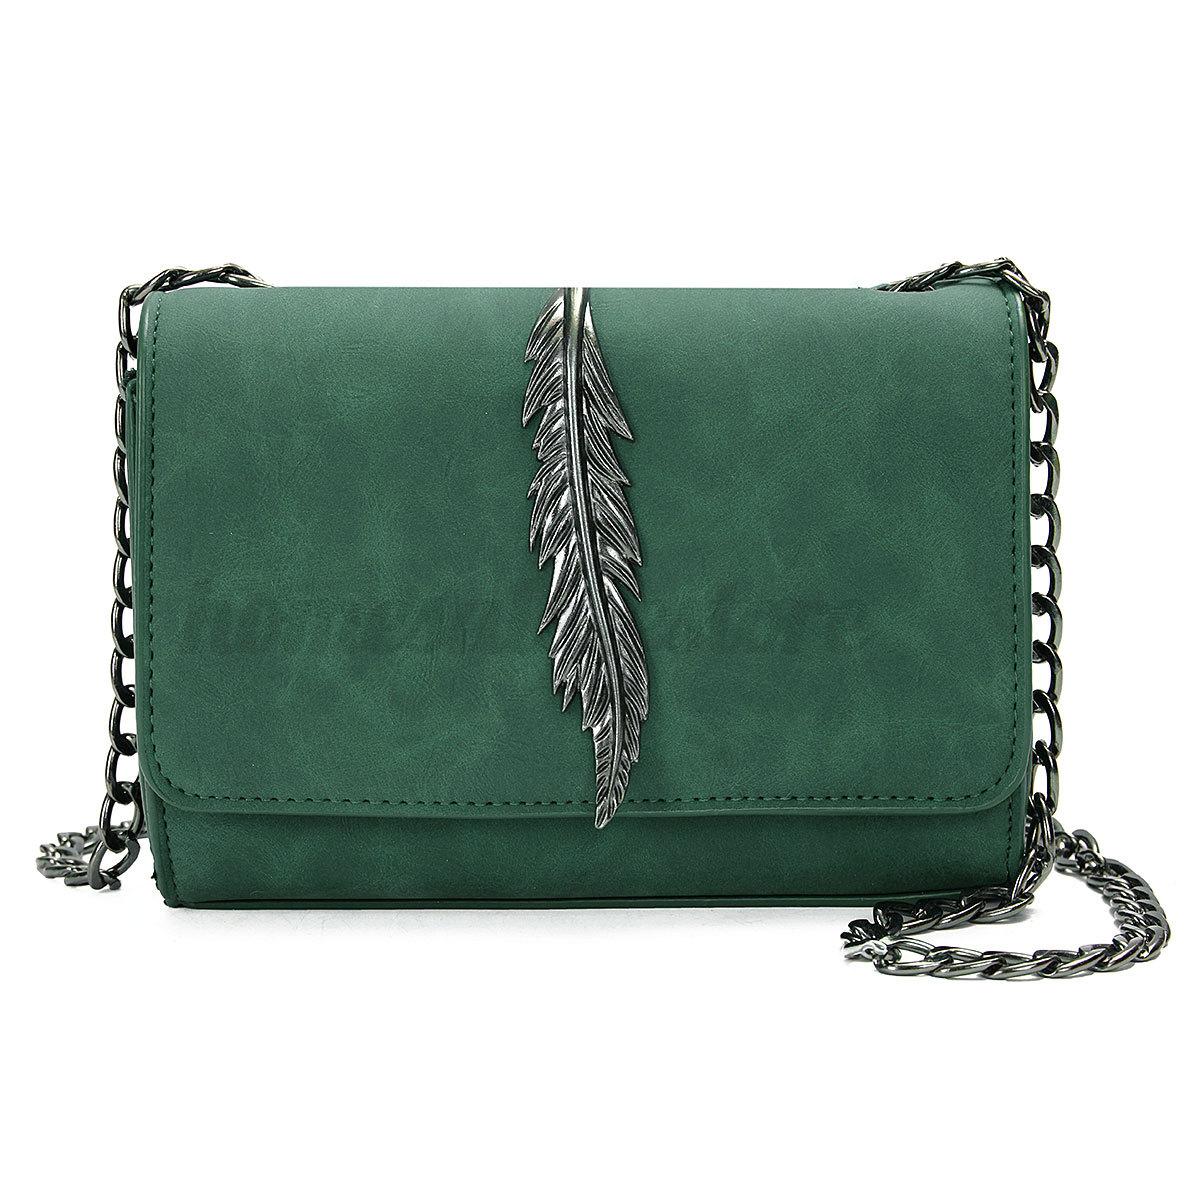 Fashion-Women-Shoulder-Bag-Tote-Messenger-Leaf-Leather-Crossbody-Satchel-Handbag